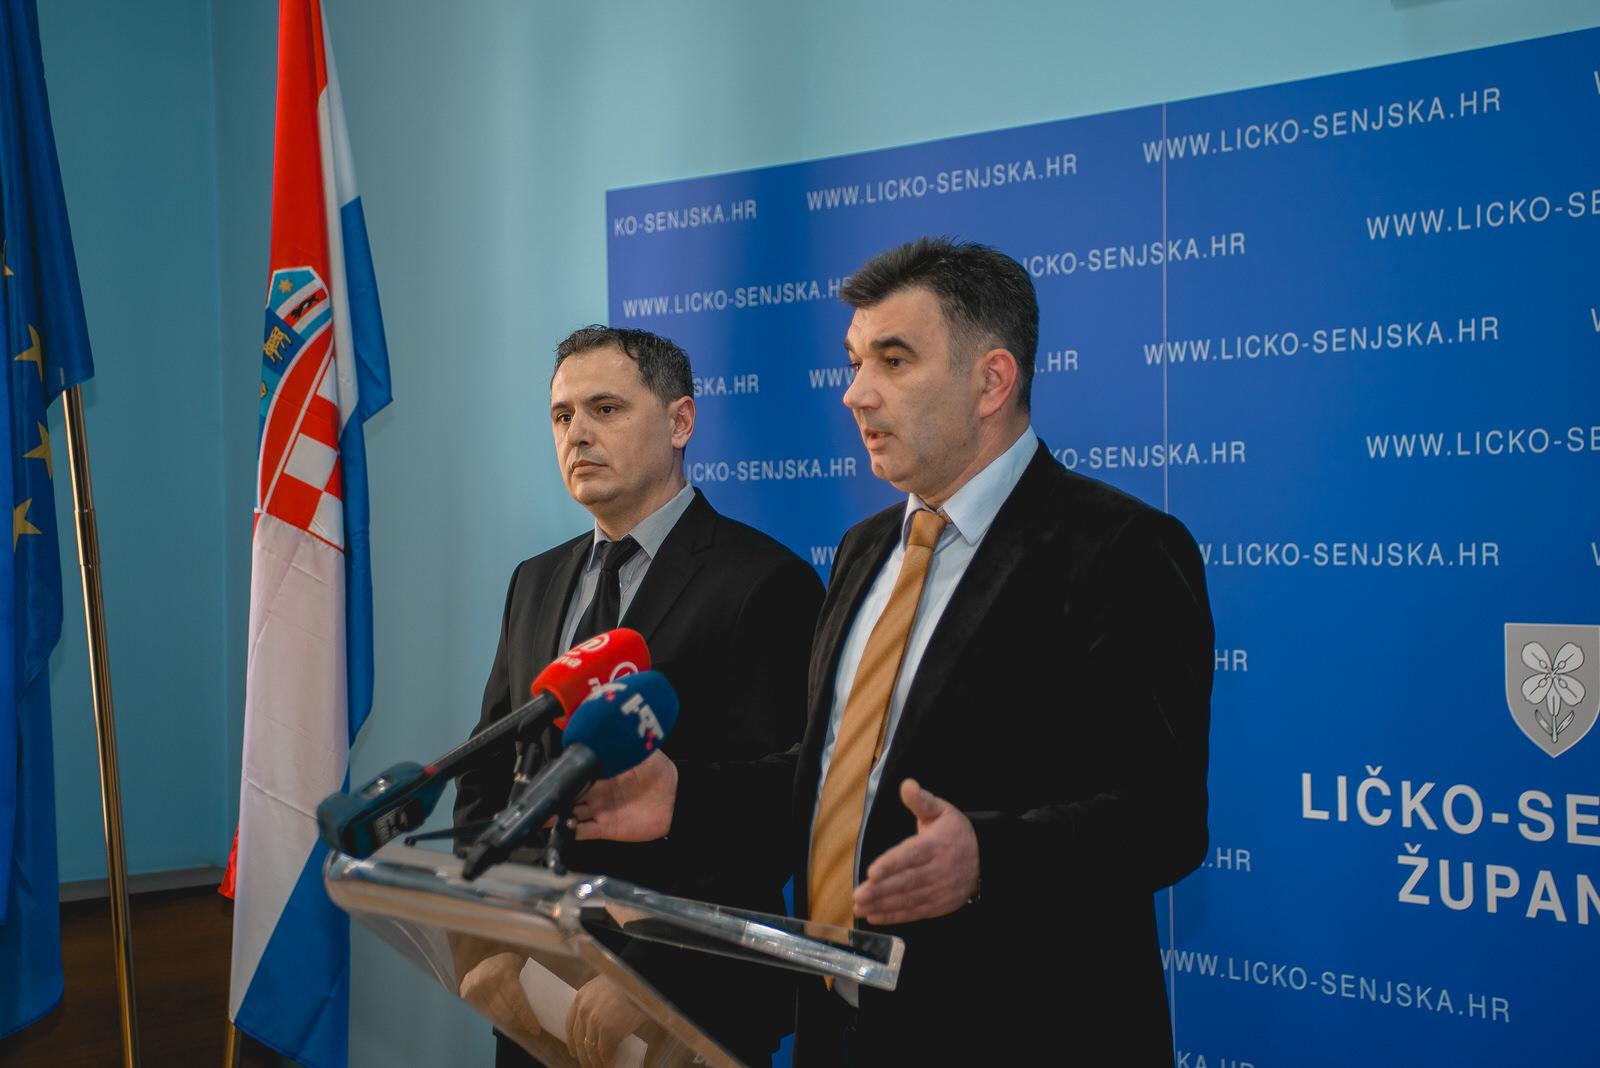 """Photo of Franić i Tomljanović na presici: """"Stečaj Ličko-senjske županije zbog političkog cirkusa u režiji HDZ-a"""""""